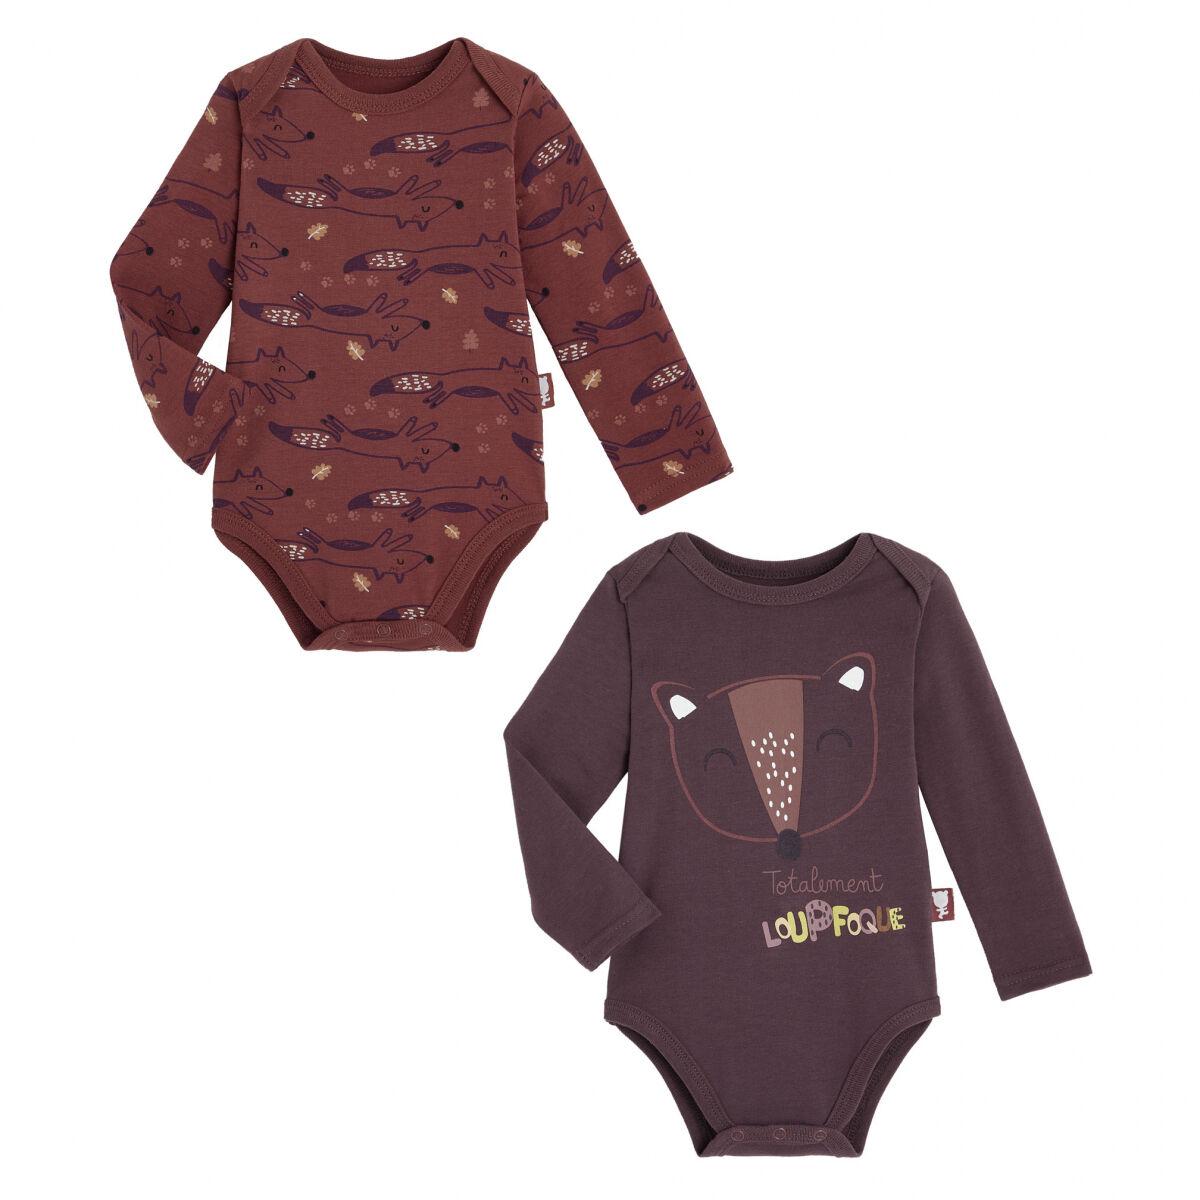 Petit Béguin Lot de 2 bodies bébé garçon manches longues contenant du coton bio Loupfoque - Taille - 12 mois